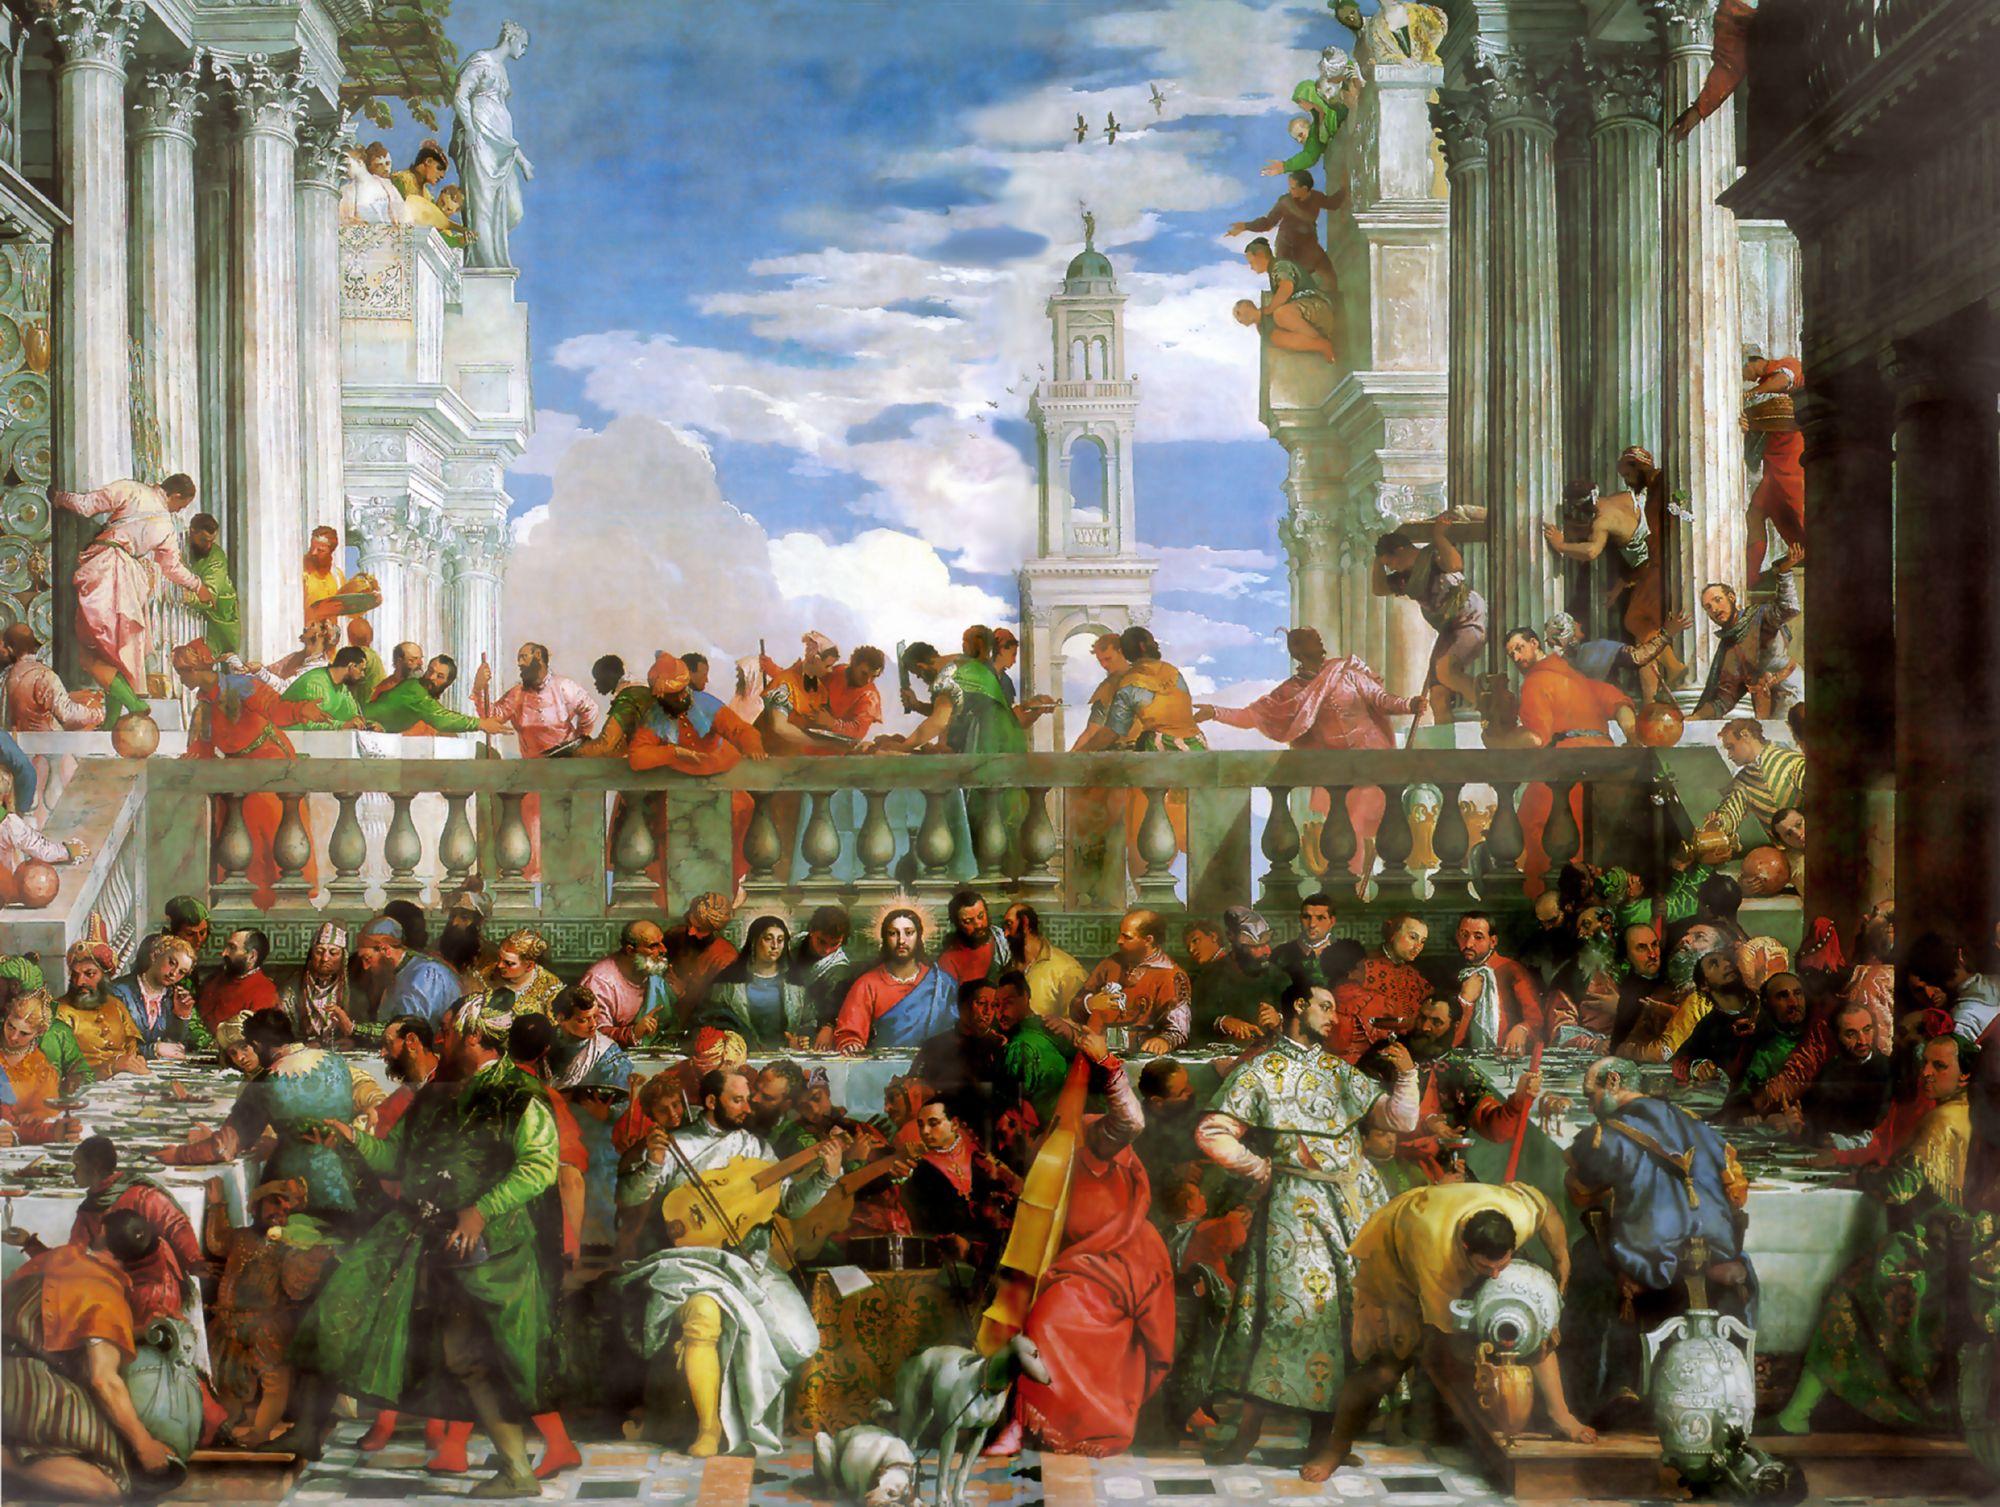 File:Veronese Hochzeit zu Kana.jpg - Wikimedia Commons